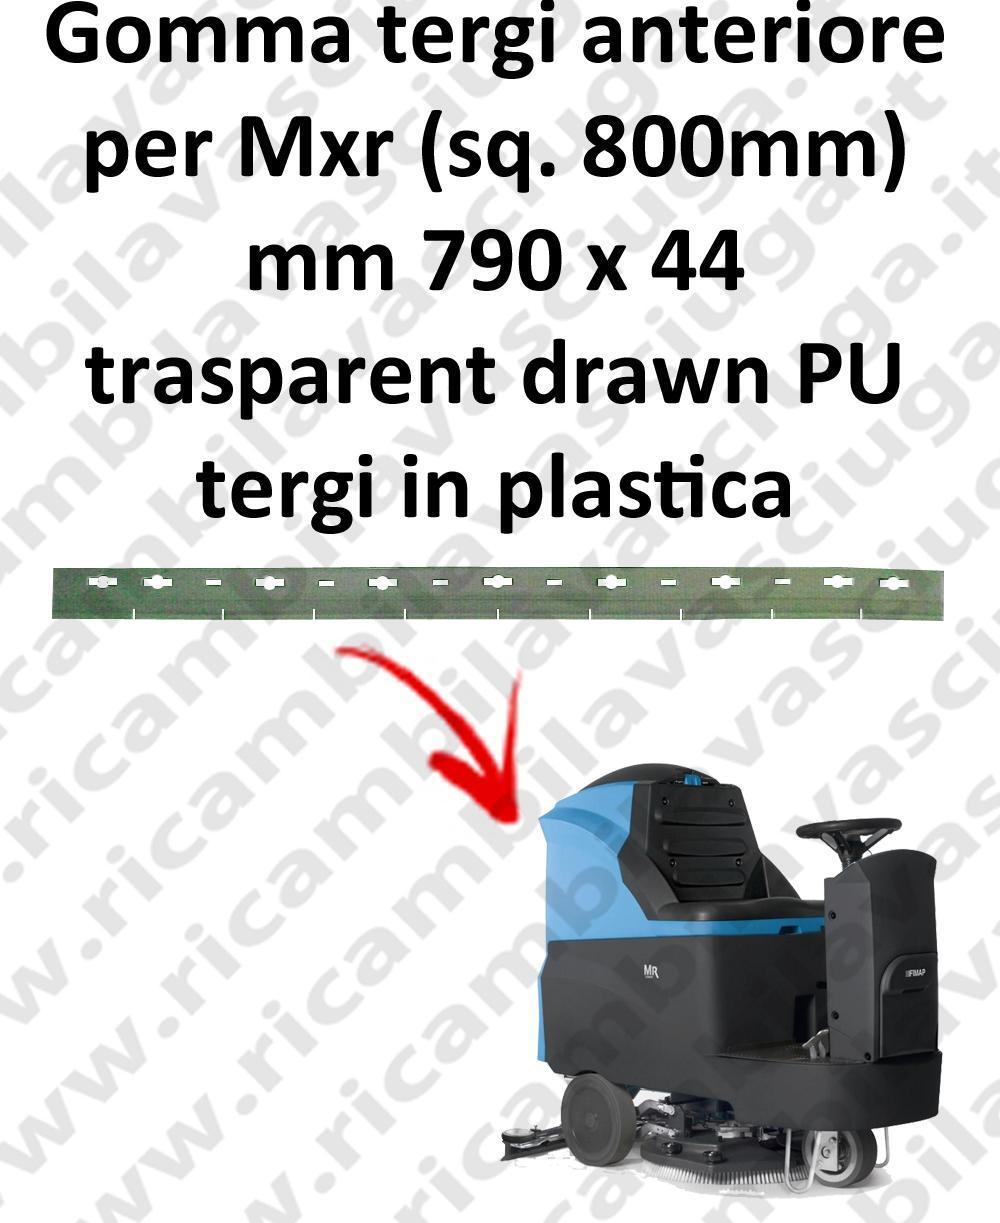 Mxr squeegee 800 mm goma de secado delantera para FIMAP repuestos fregadoras squeege